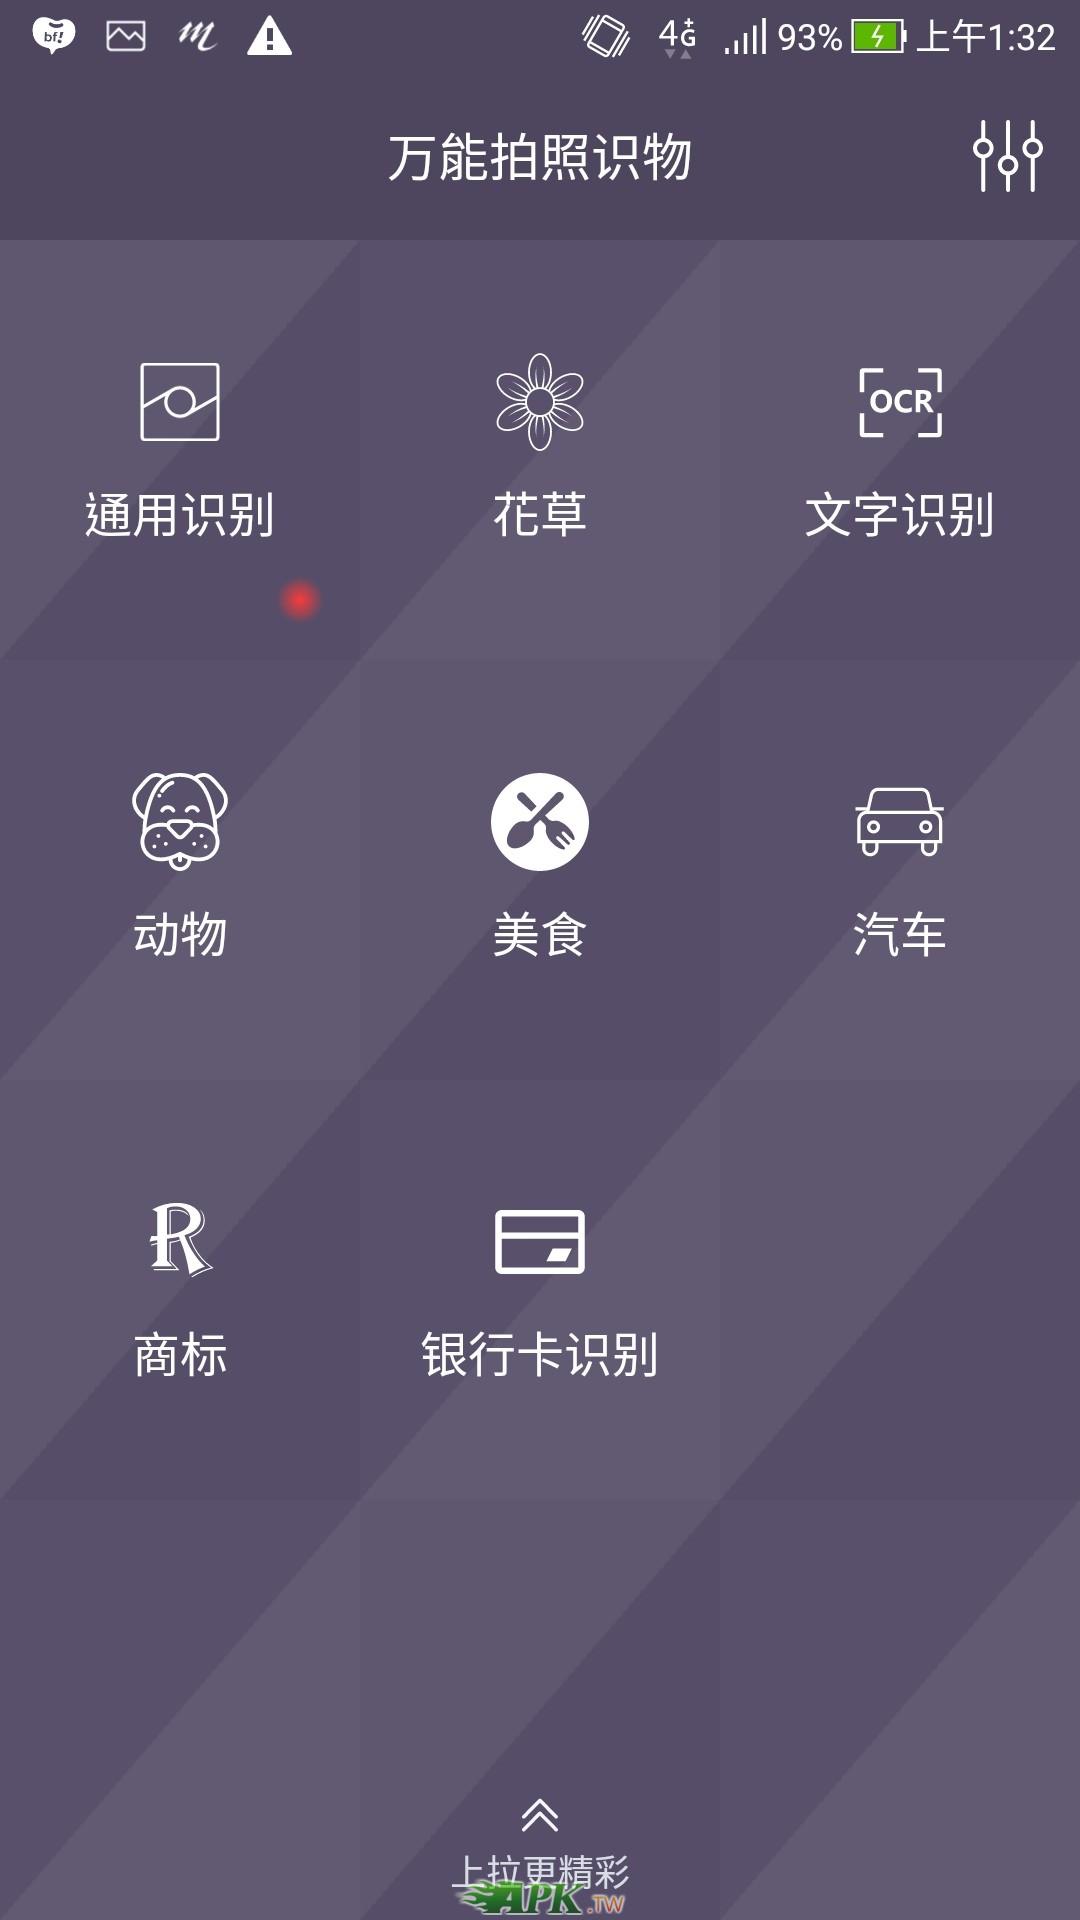 Screenshot_20181109-013240.jpg